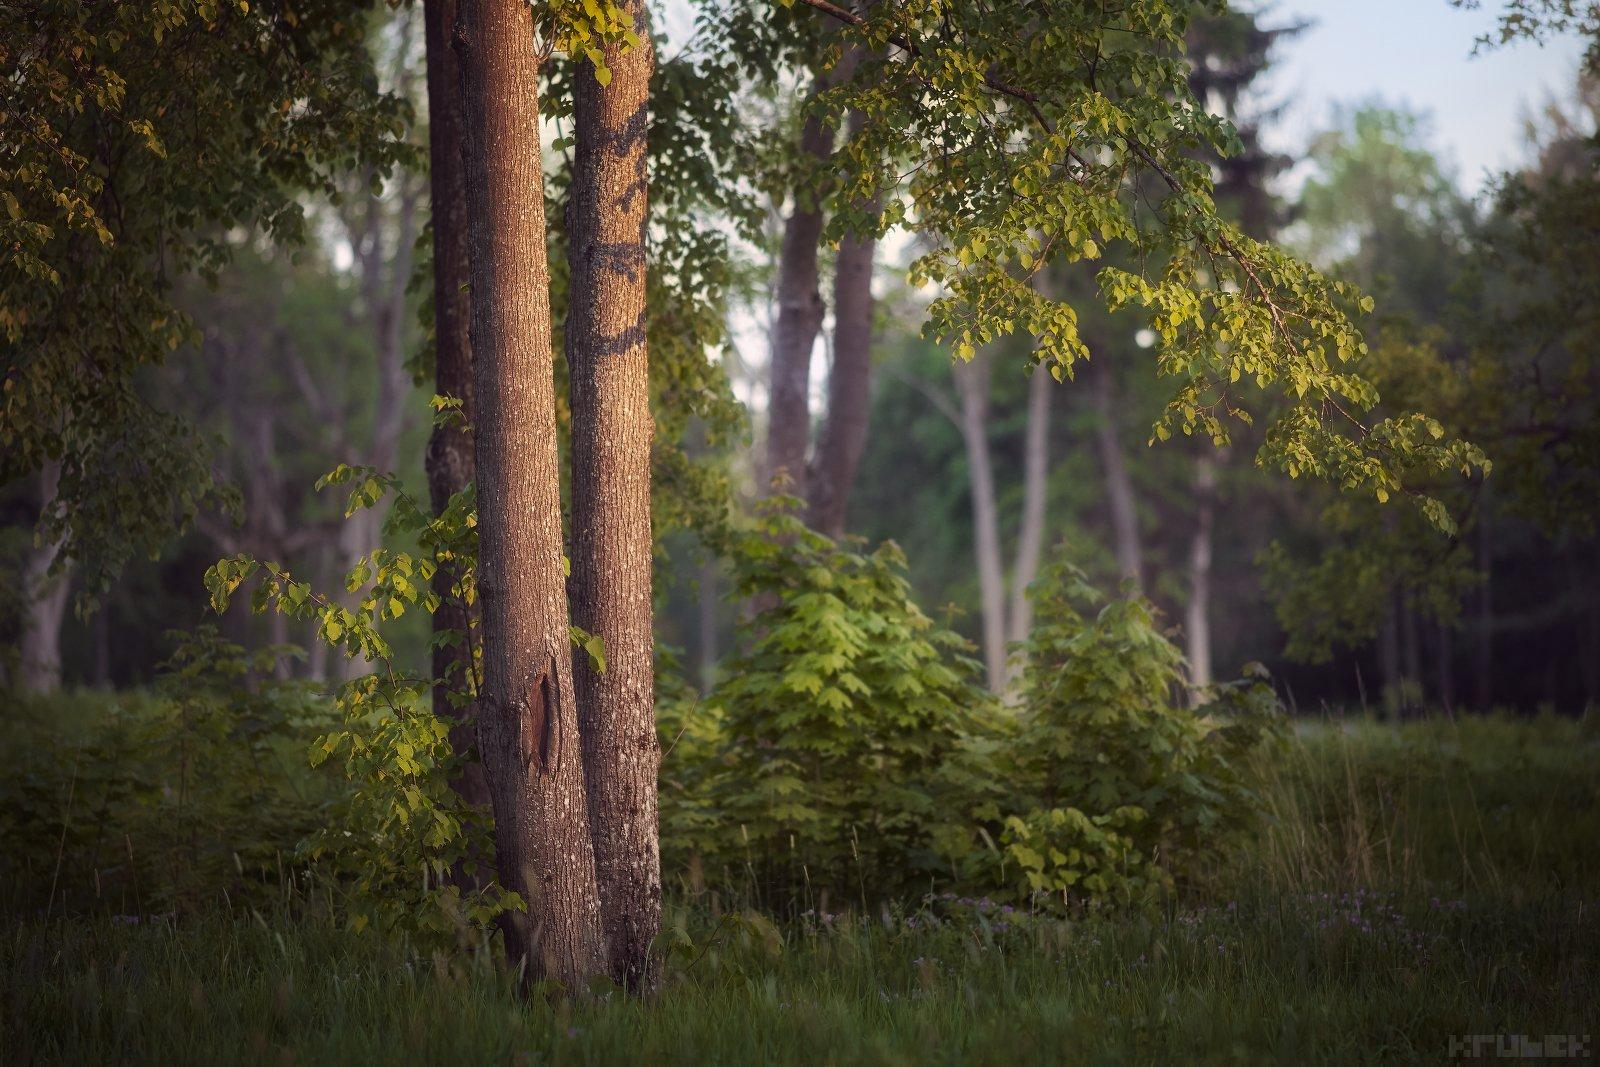 баболовский парк, закат, лес, природа, KrubeK